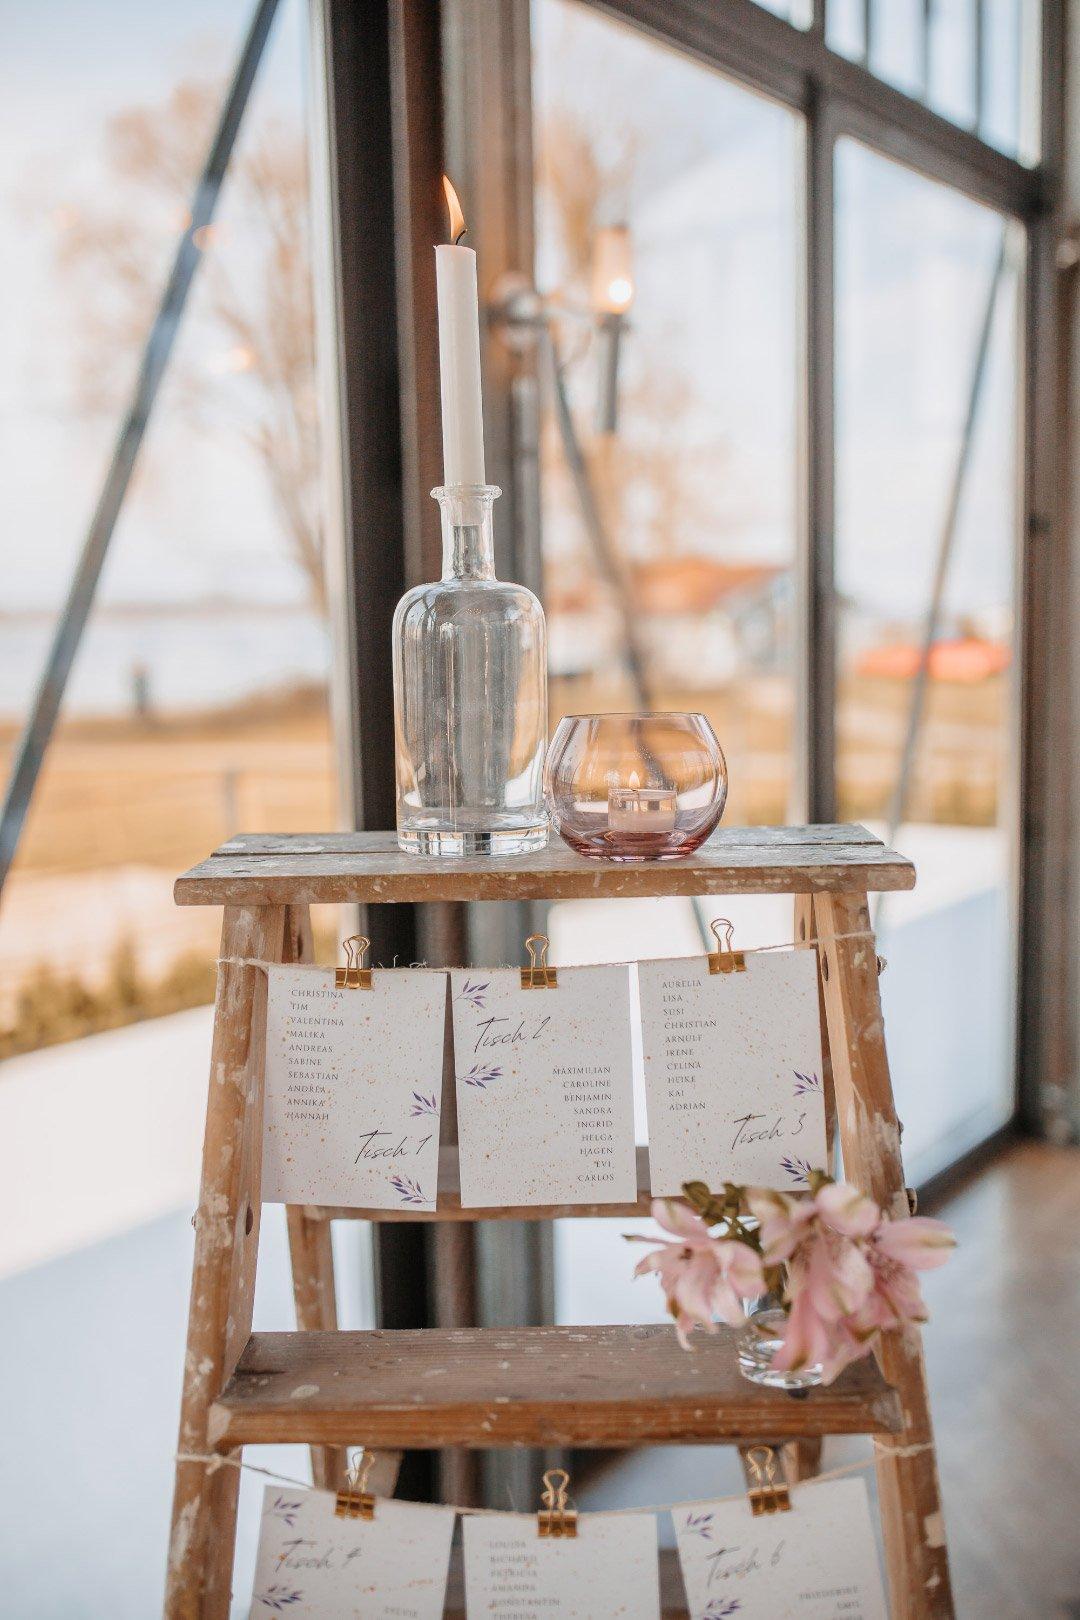 Tischplan an einer alten Leiter